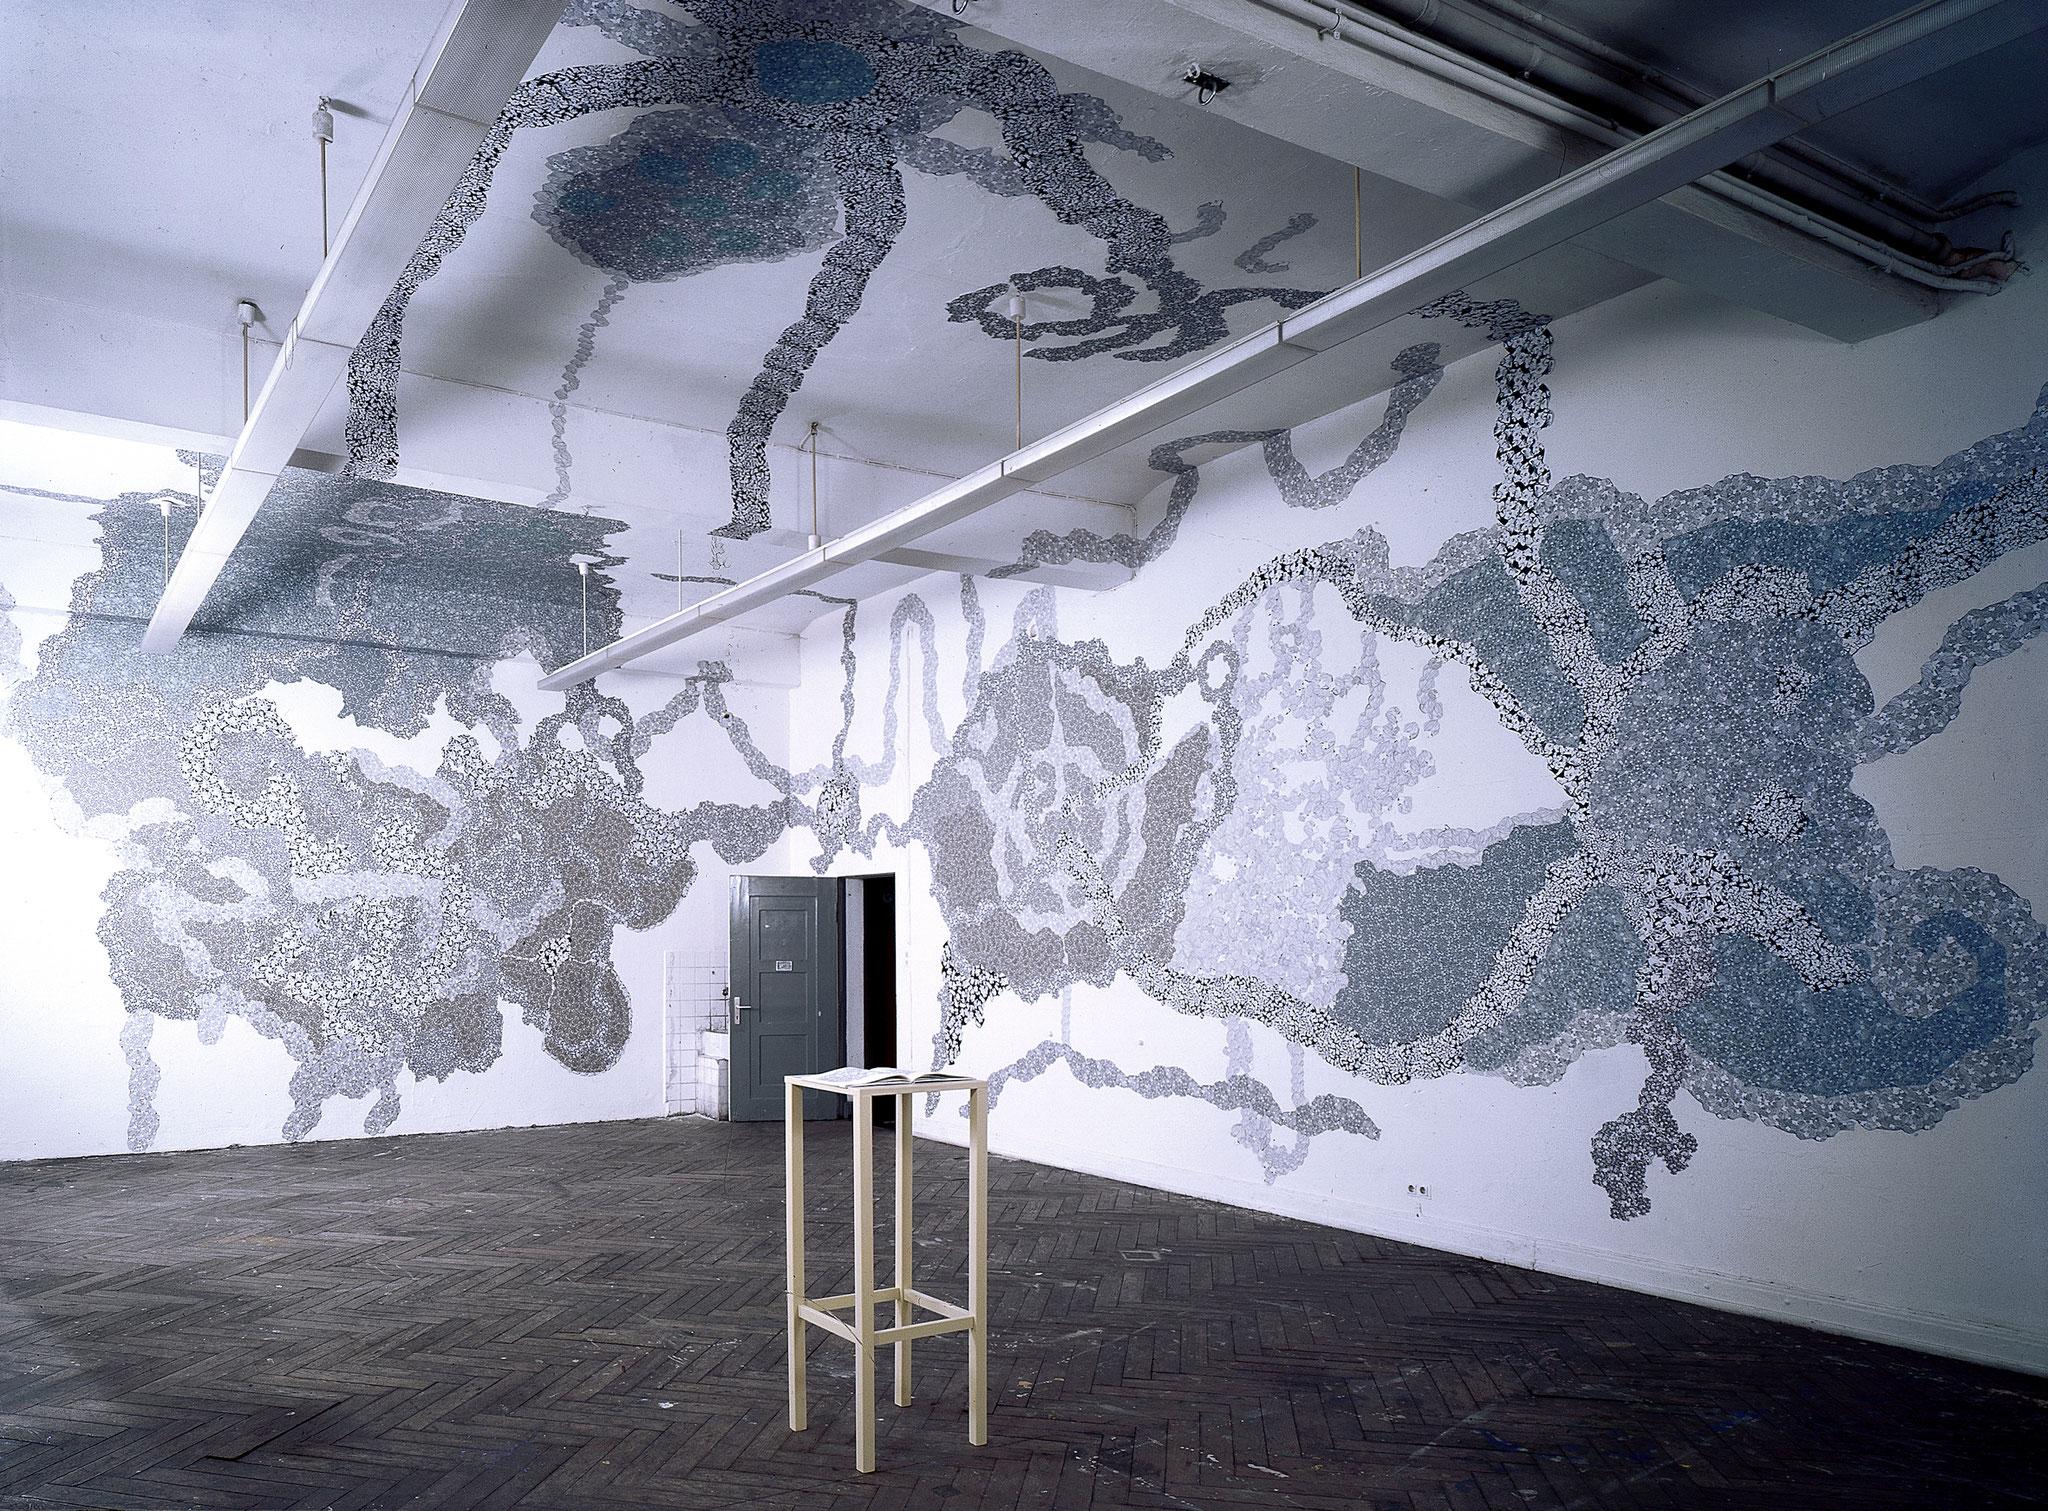 """""""Molette, you are my world"""", 1999, Raumcollage mit duplizierten Handzeichnungen, Hochschule für bildende Künste, Hamburg (Foto: Gunnar Böttger)"""